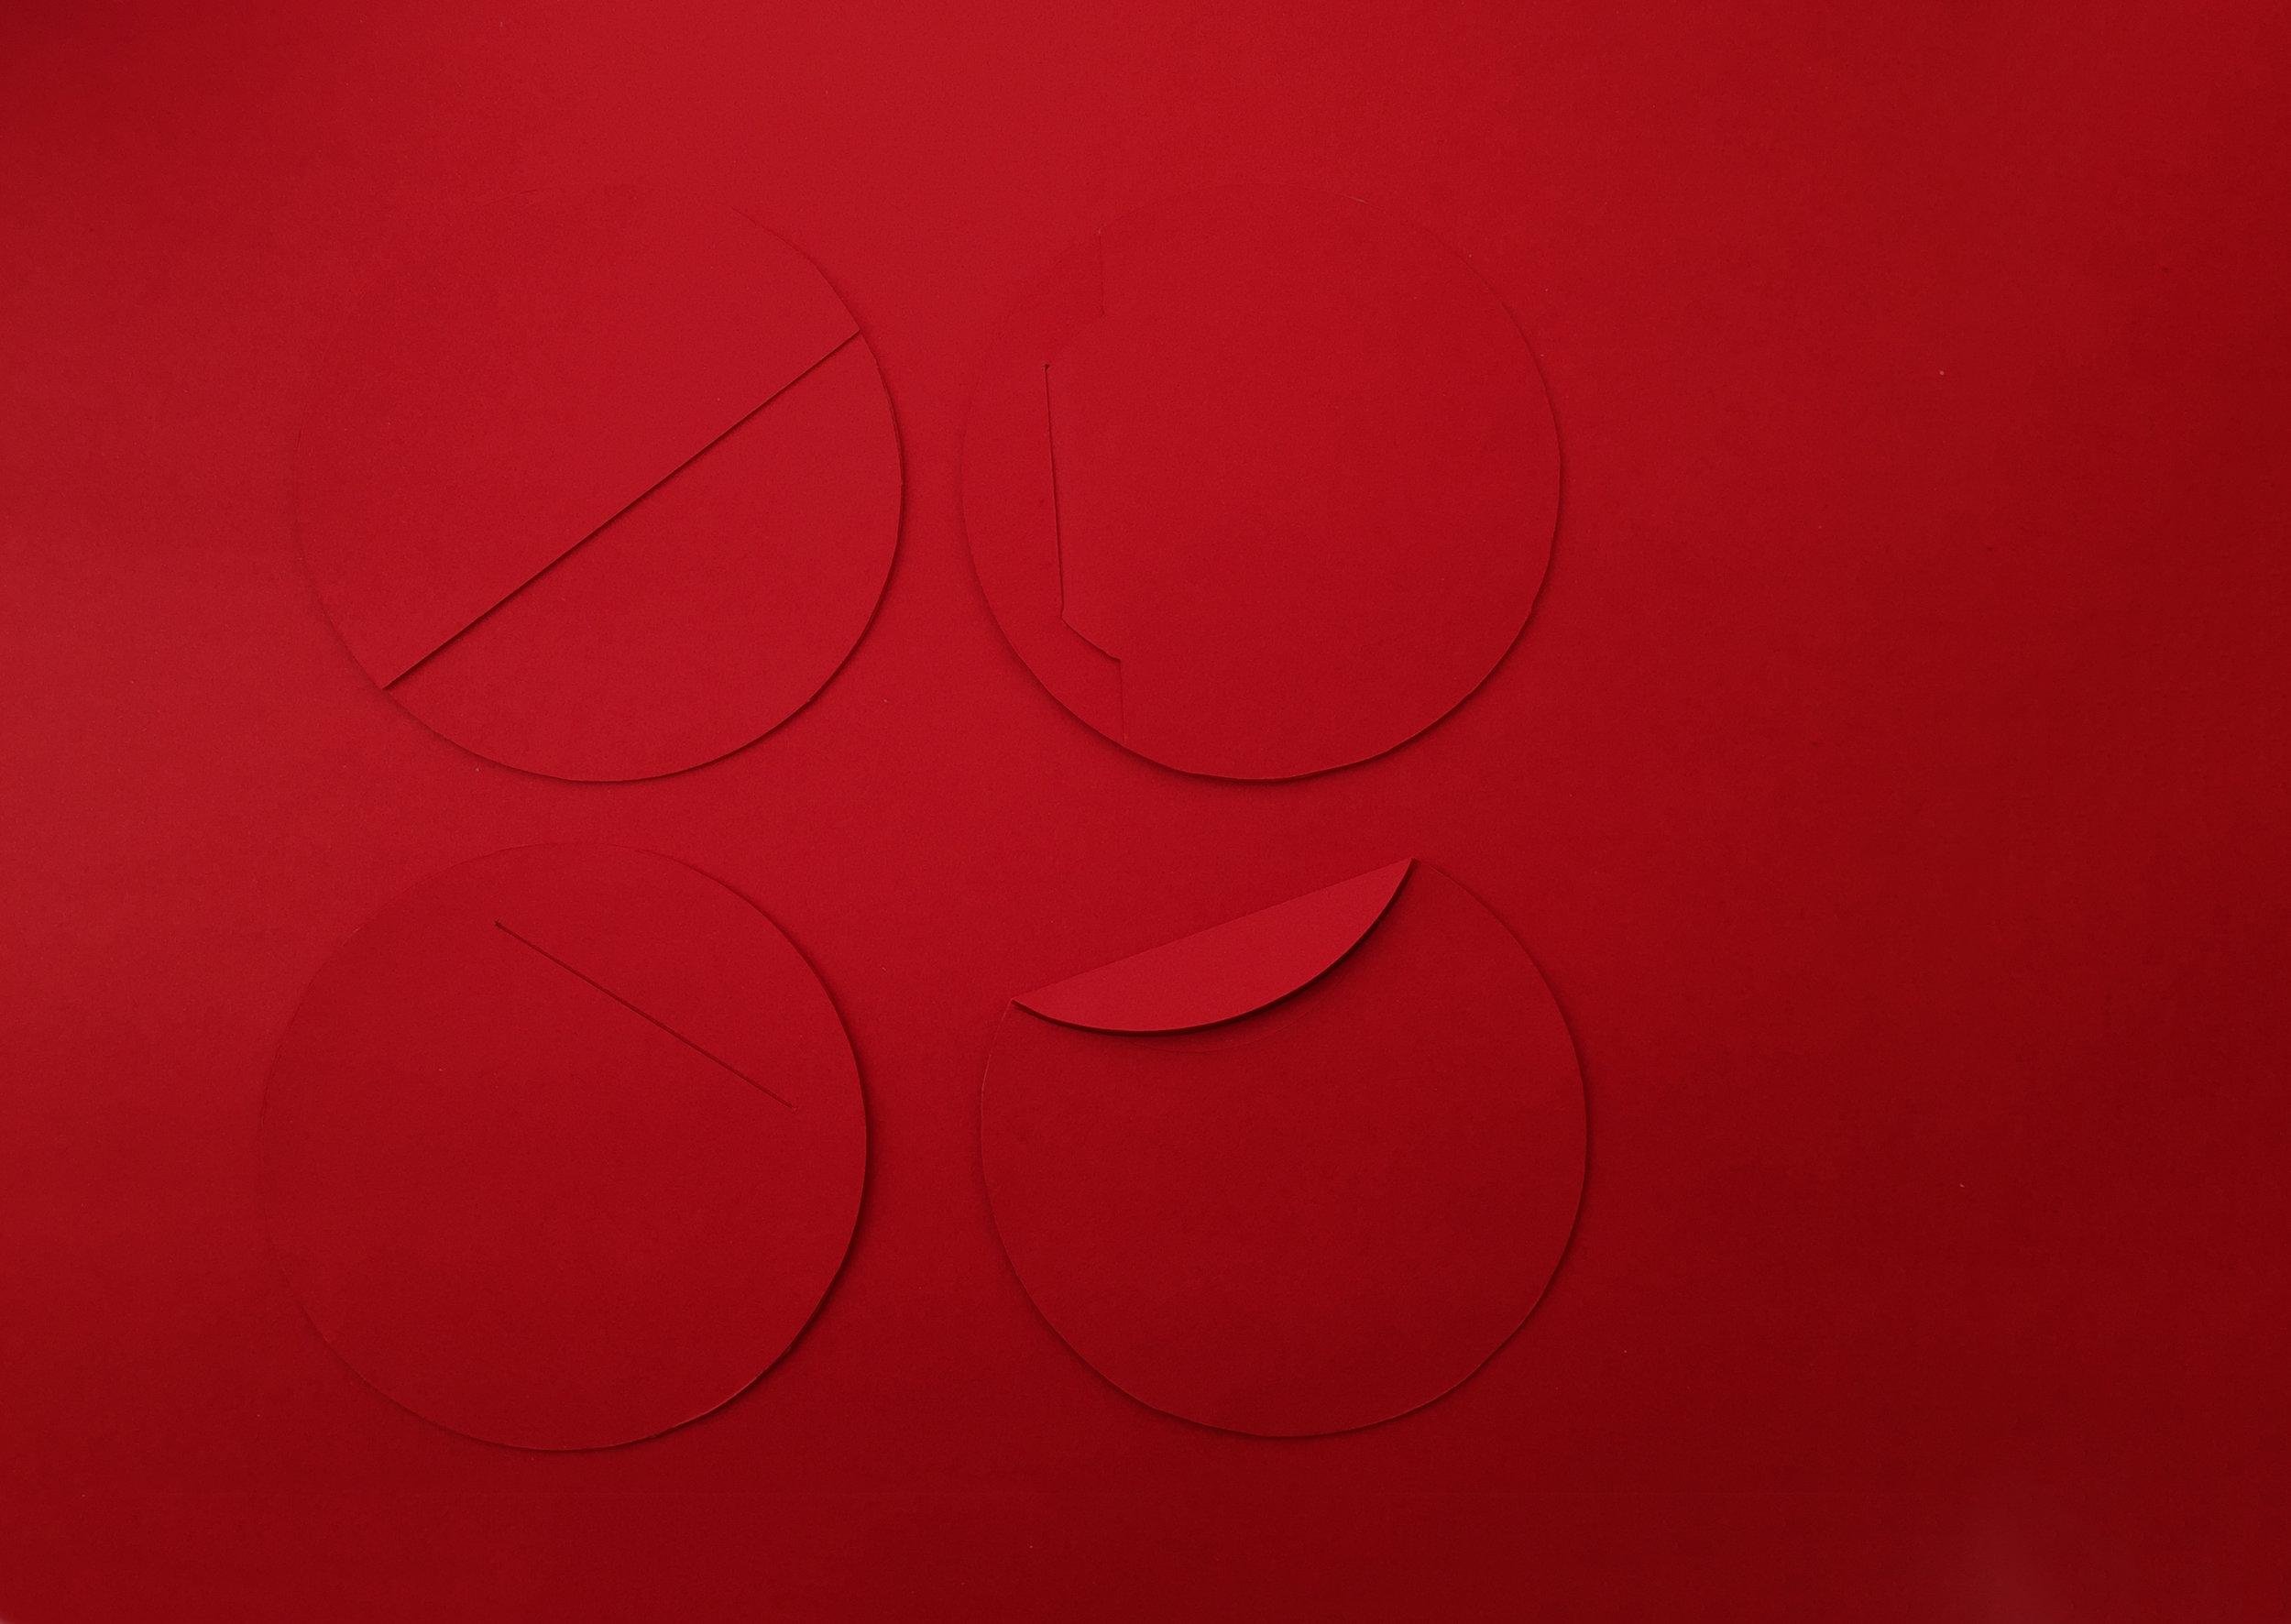 Red Pocket_Shel Han_1.jpg